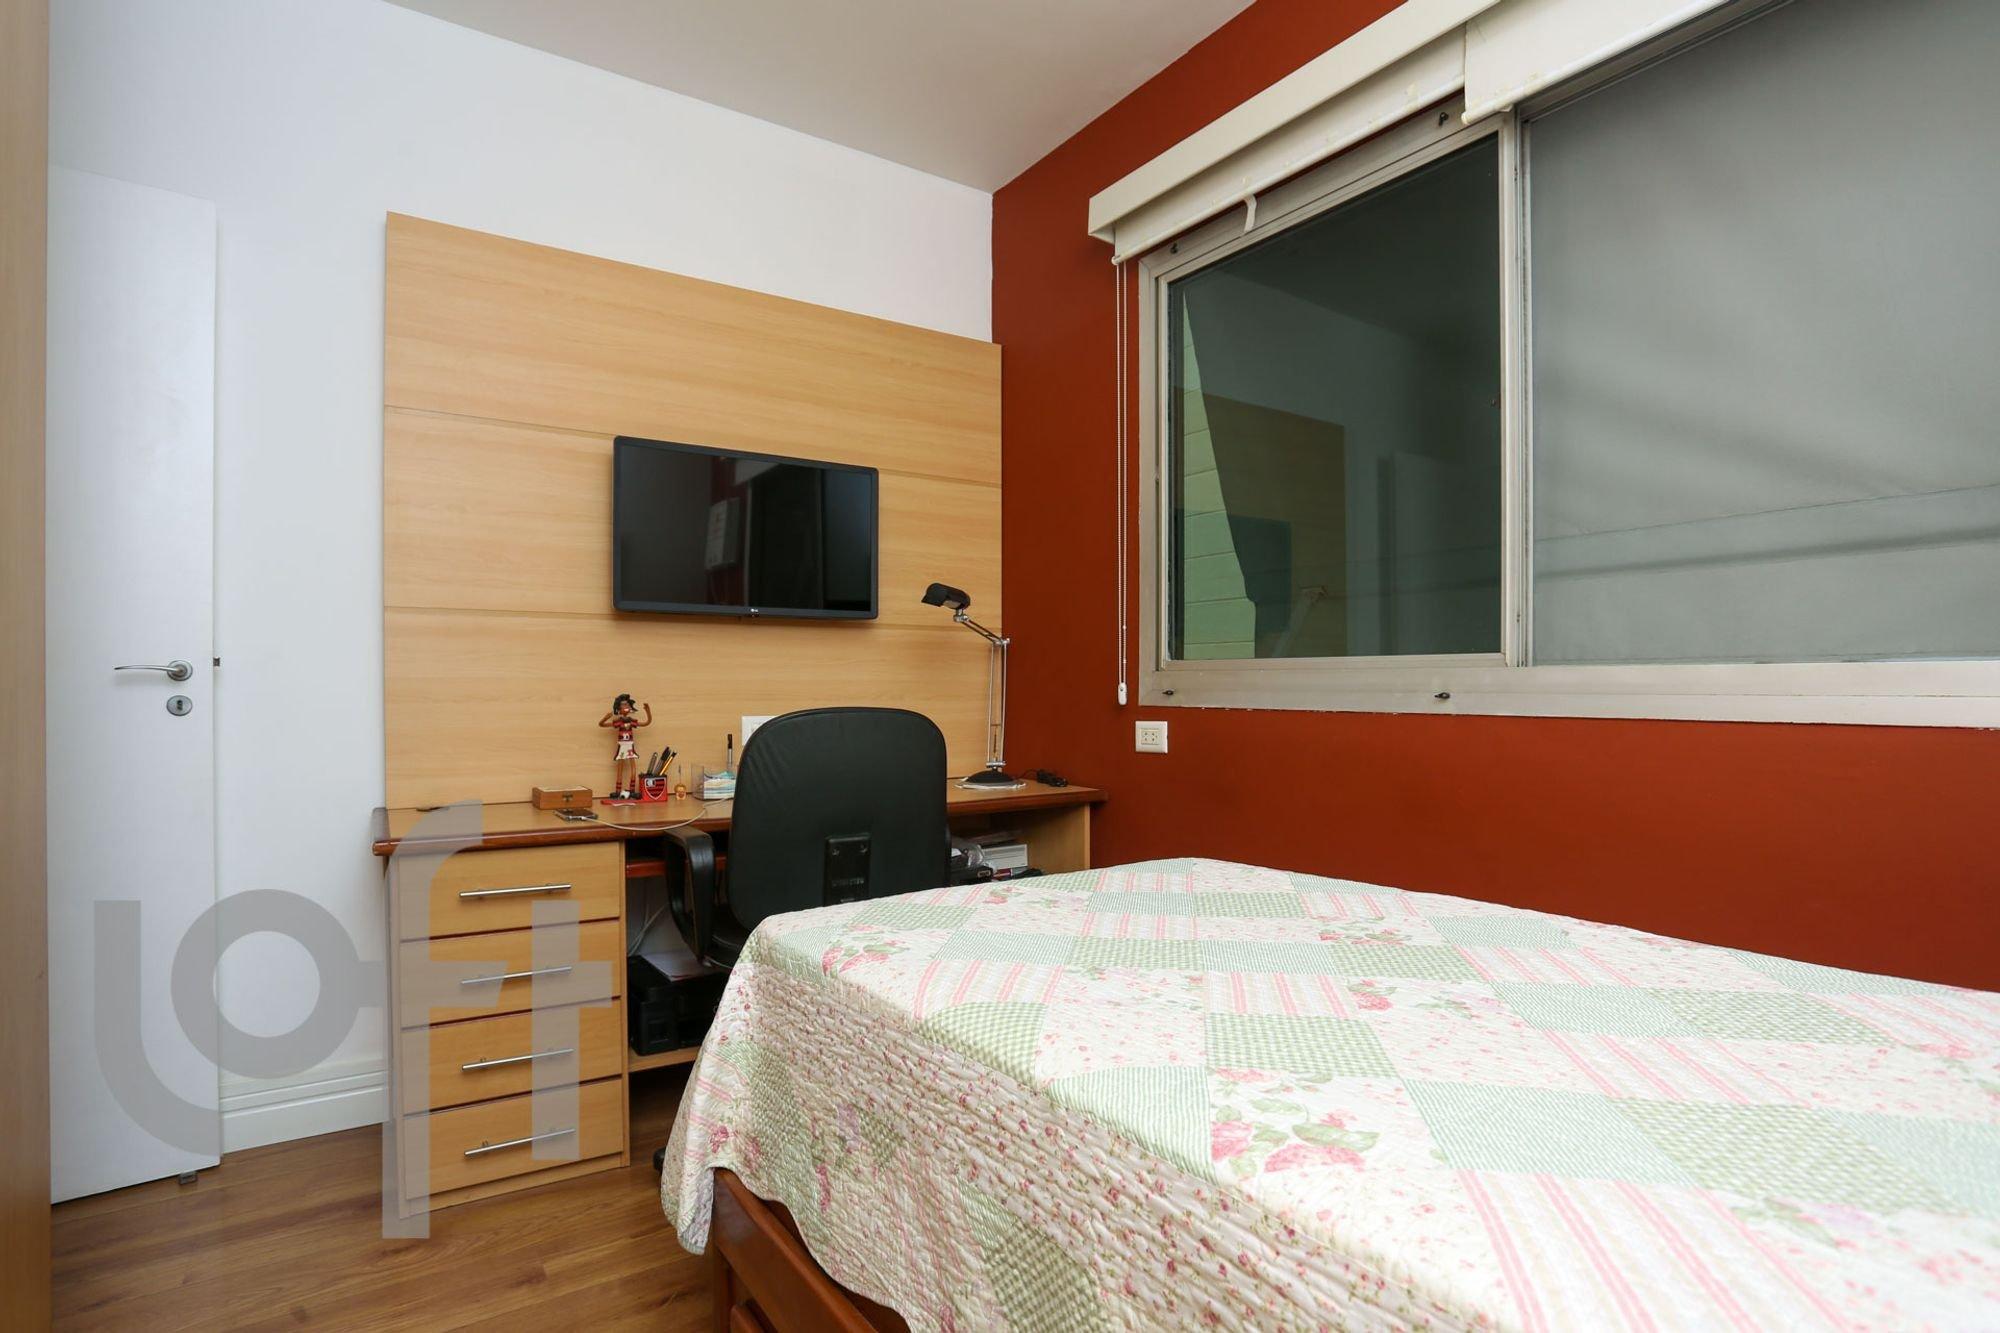 Foto de Quarto com cama, cadeira